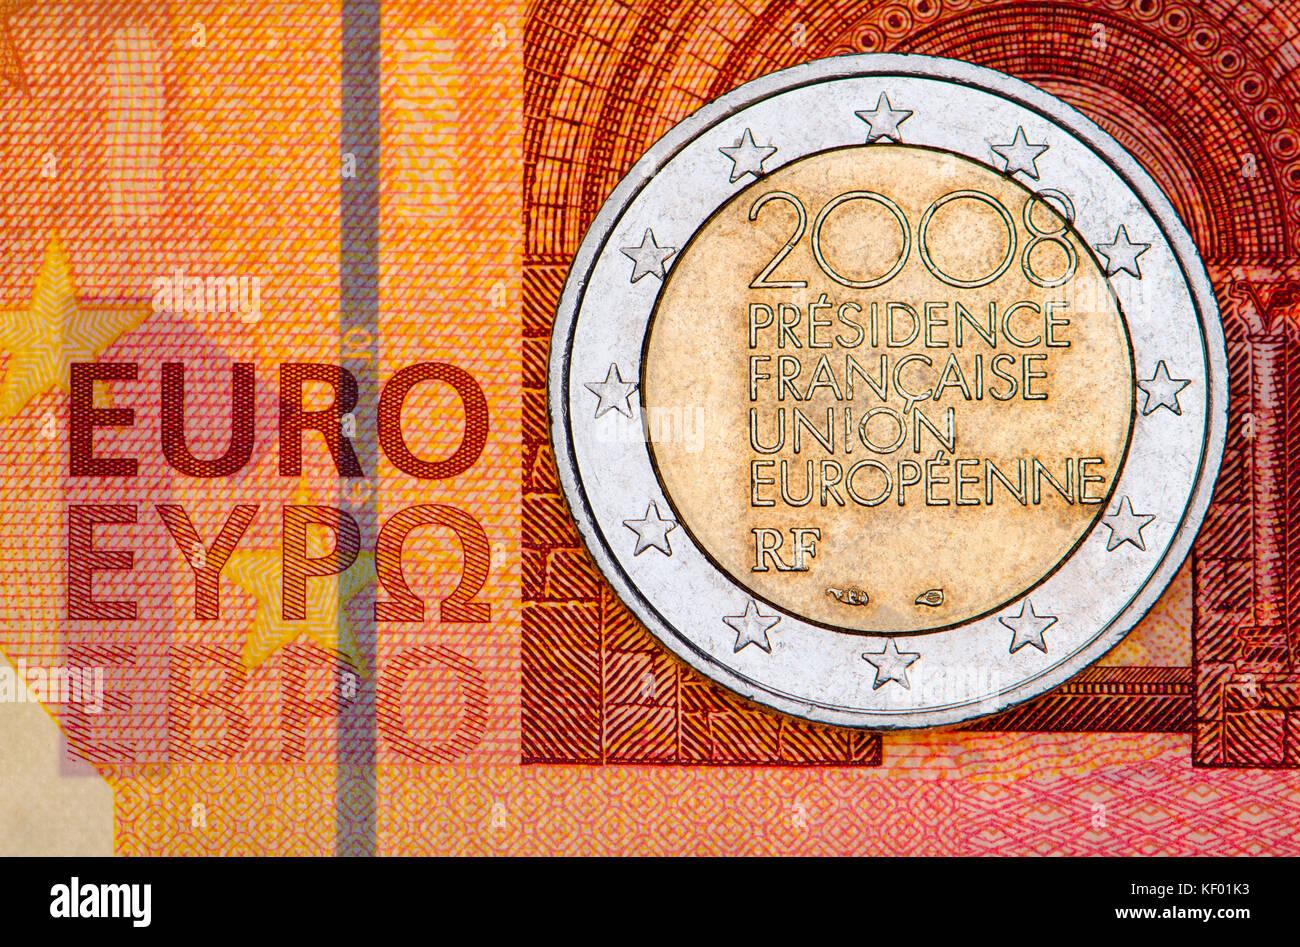 Französische Euro Münze Stockfotos Französische Euro Münze Bilder